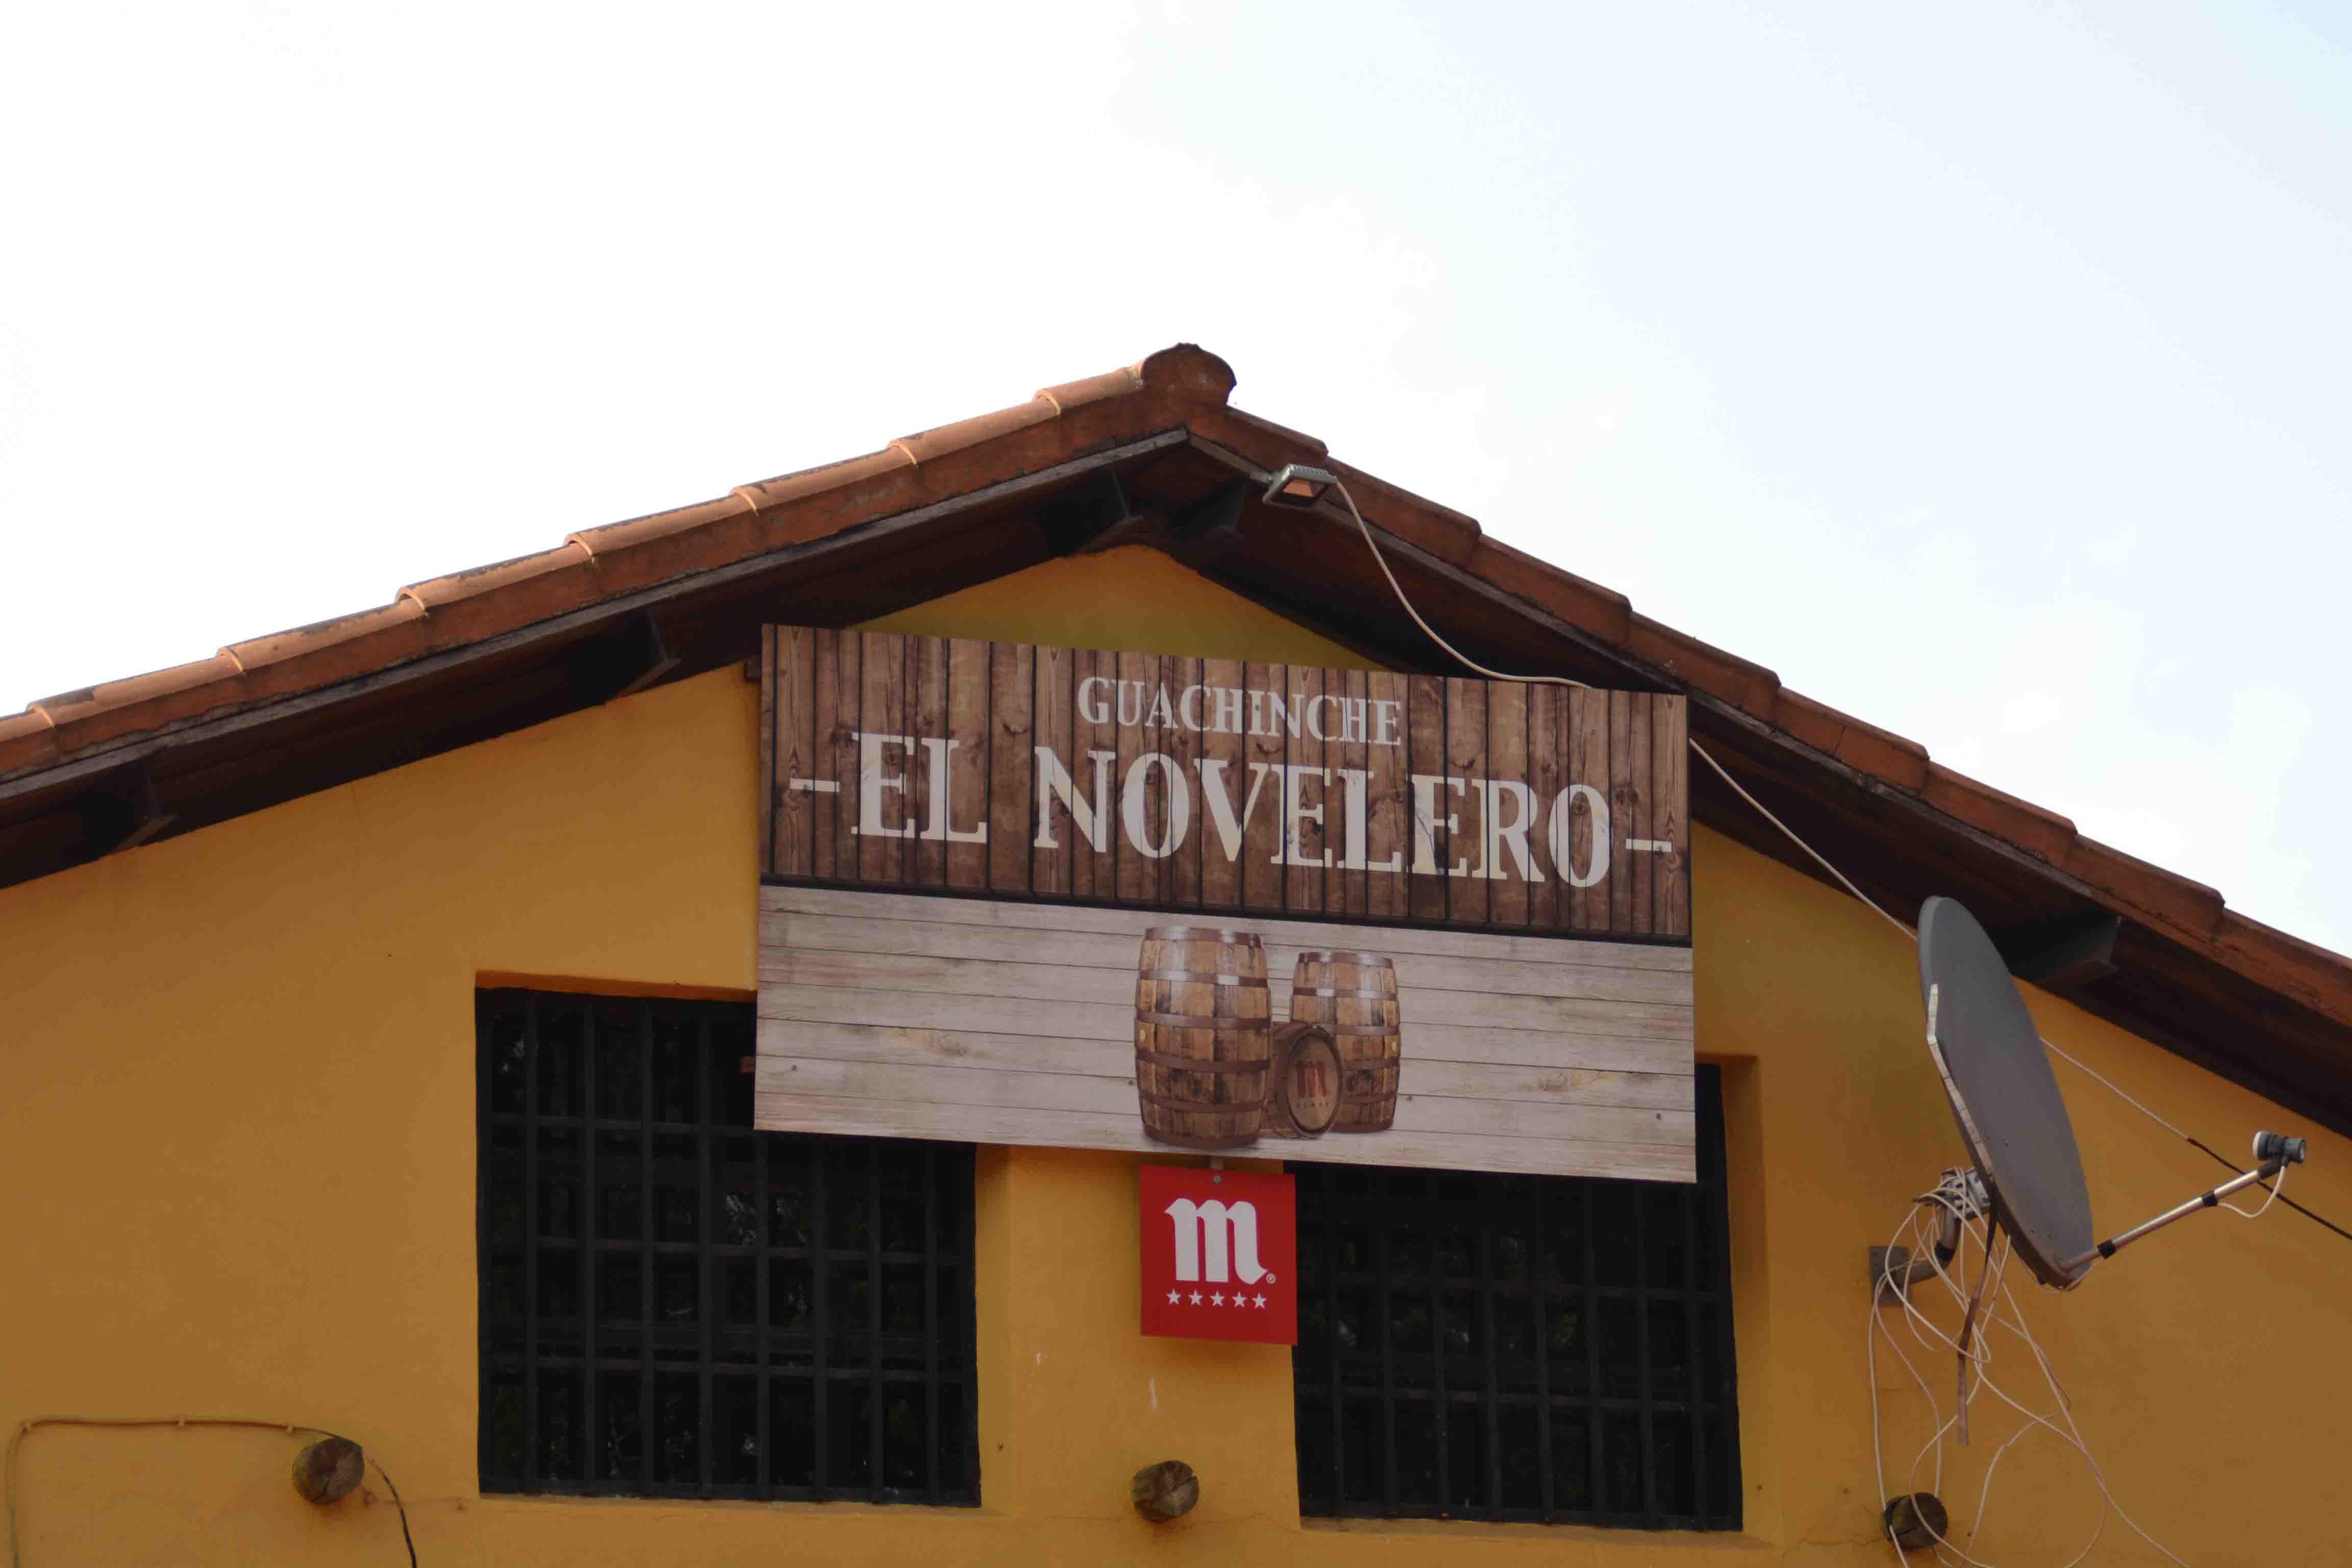 El Novelero